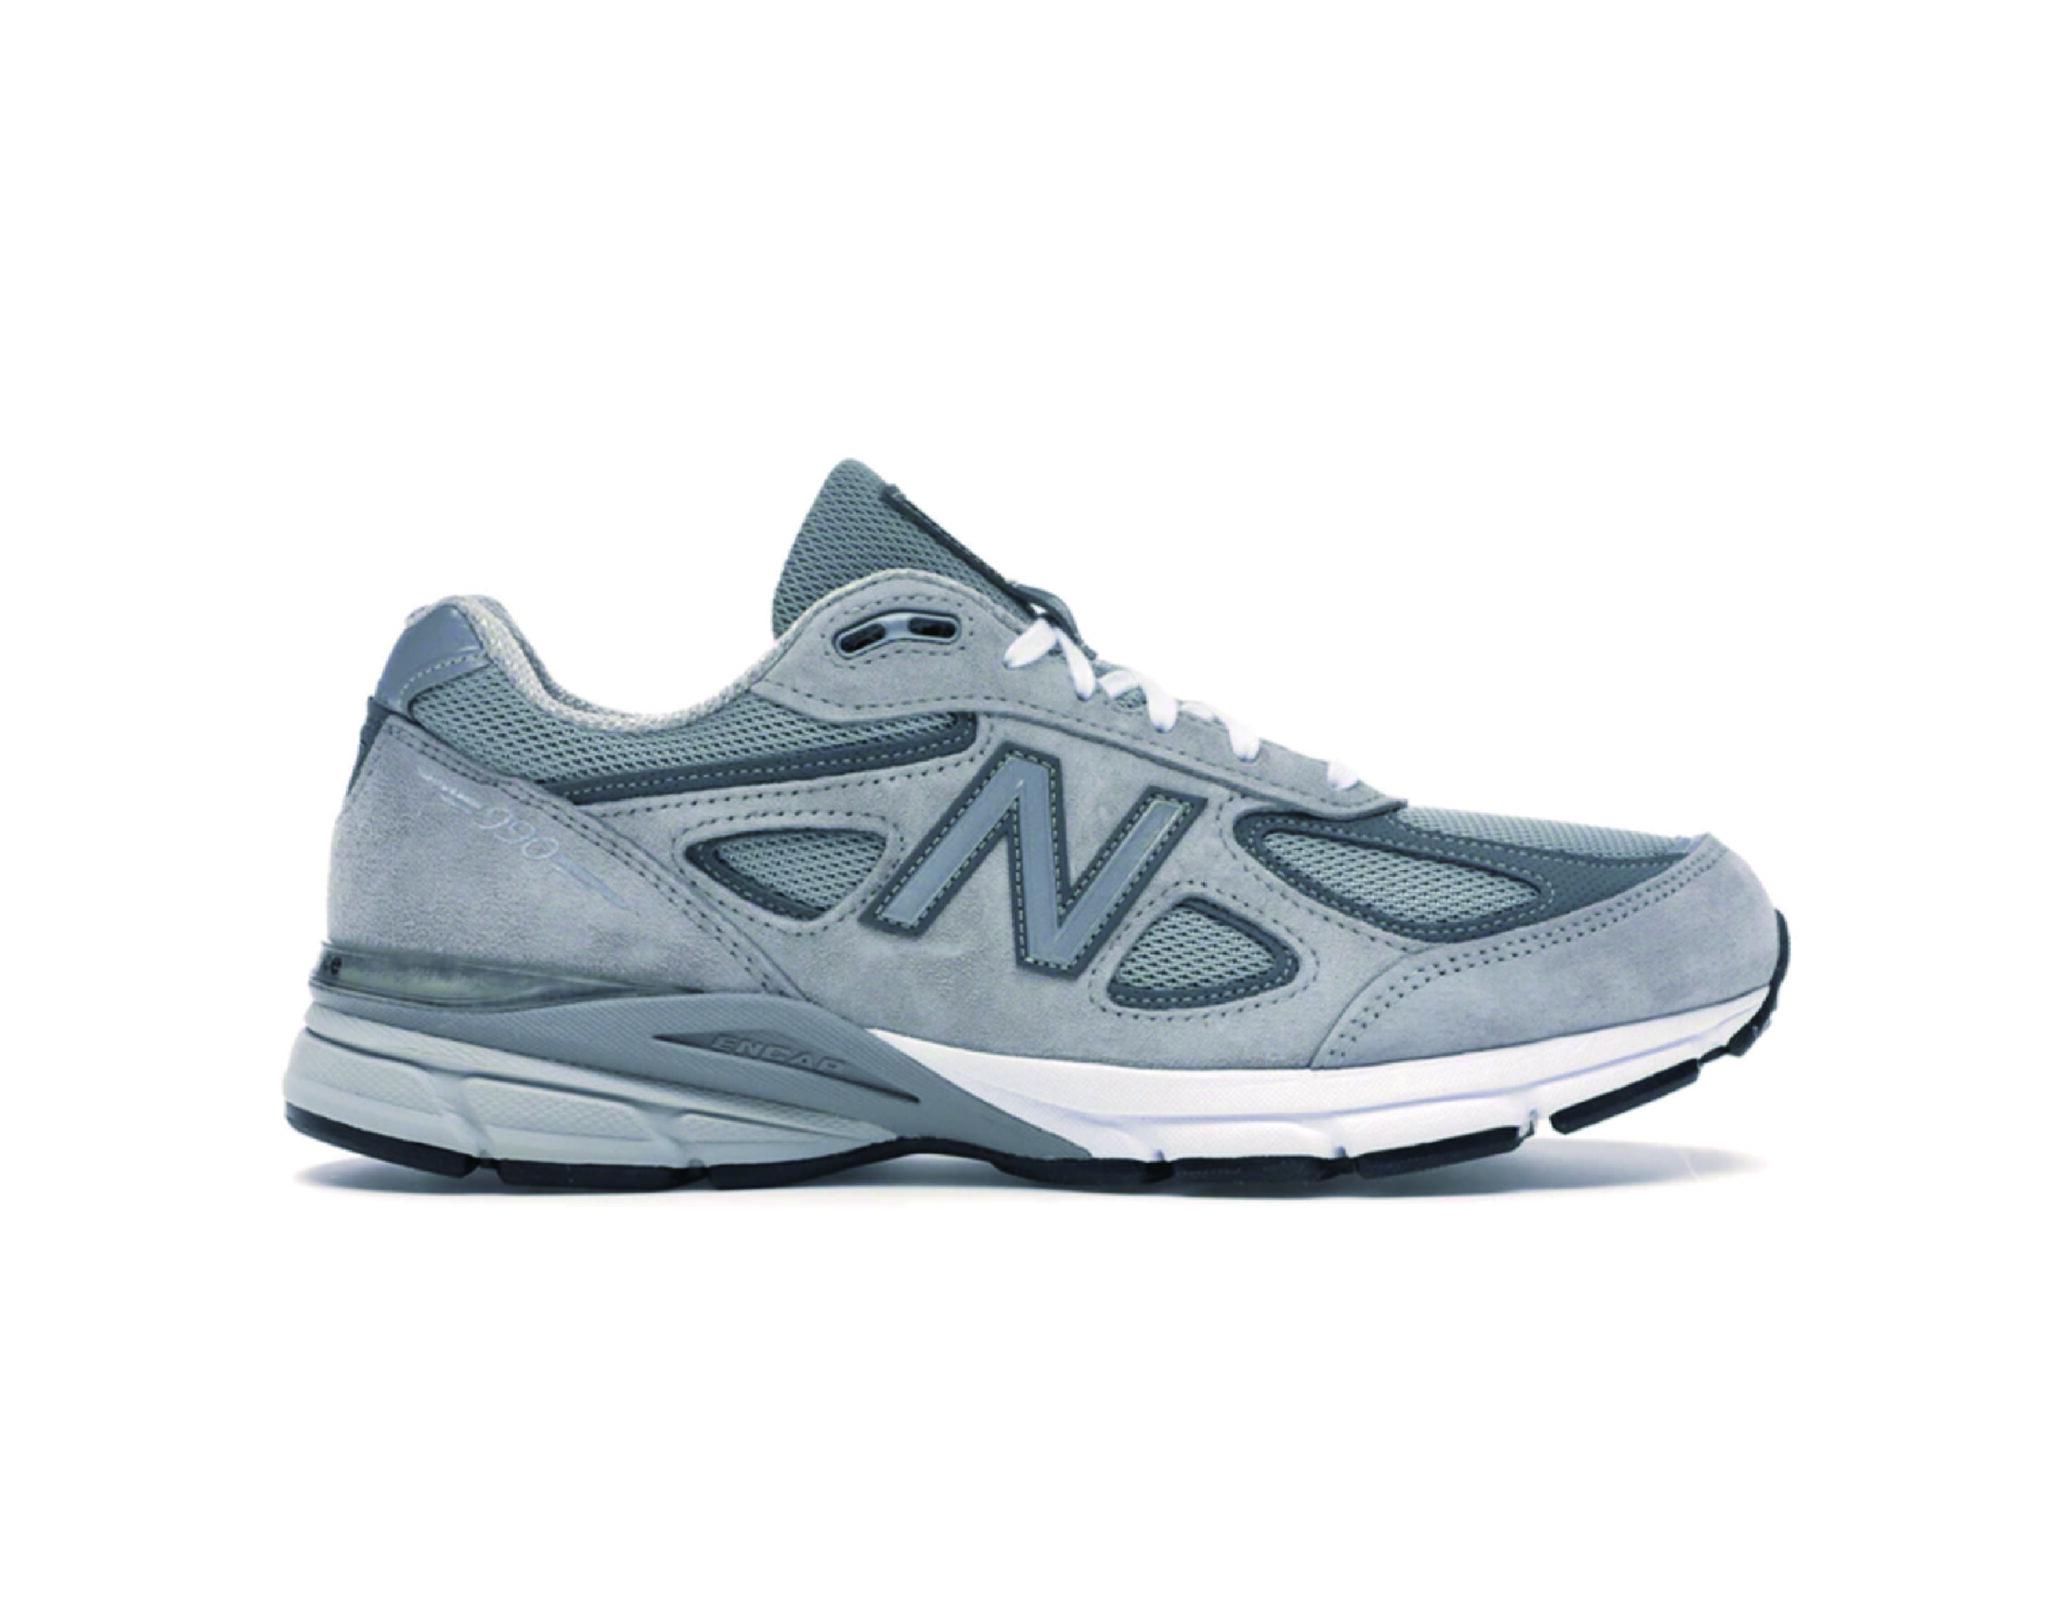 NB 990 series